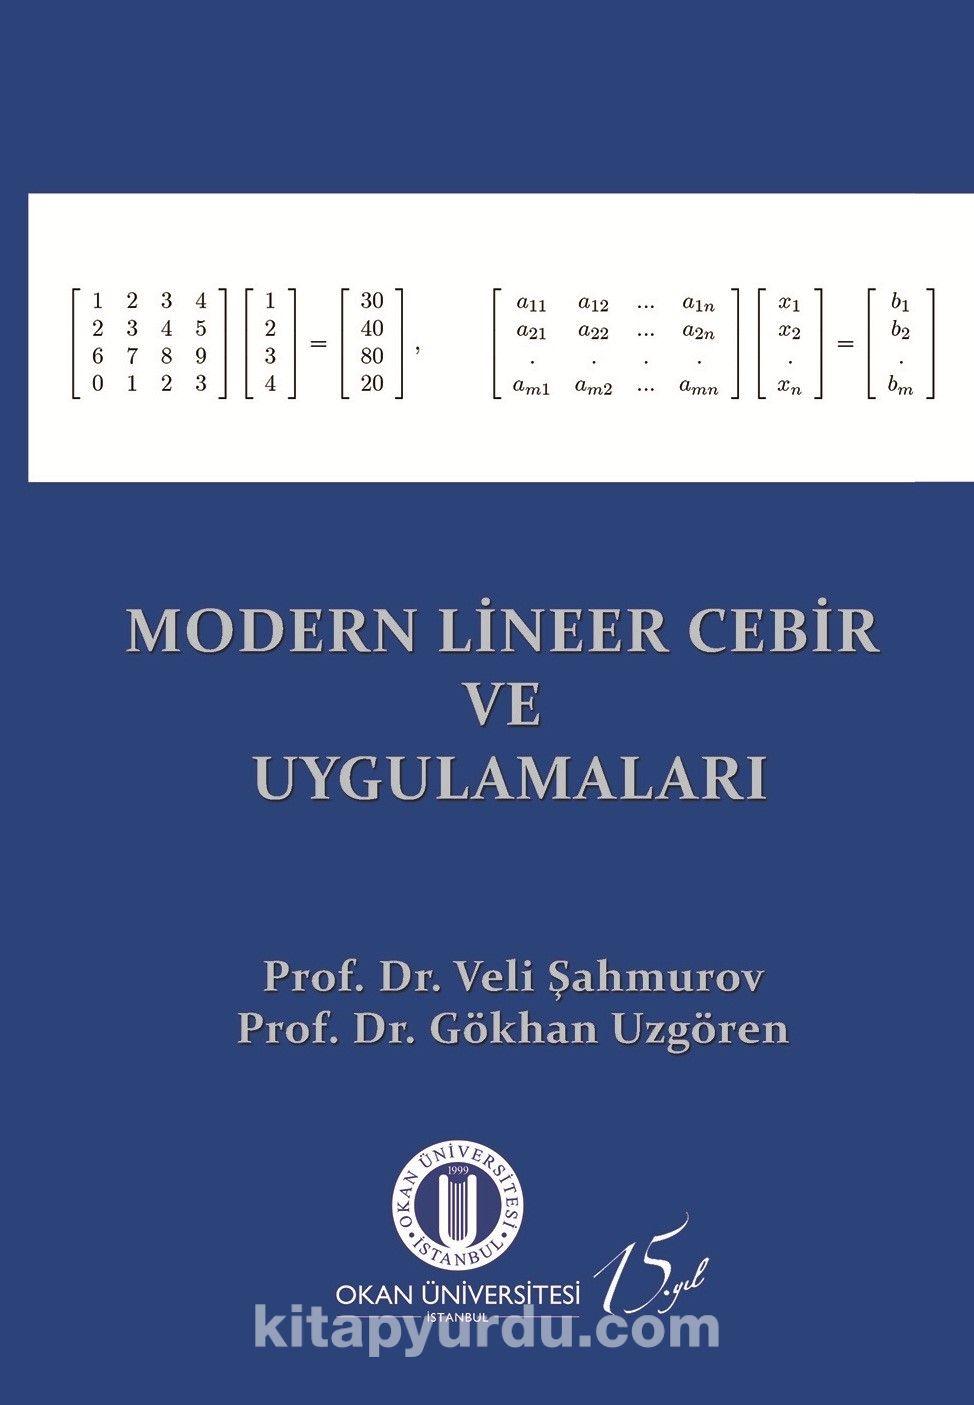 Modern Lineer Cebir ve Uygulamaları